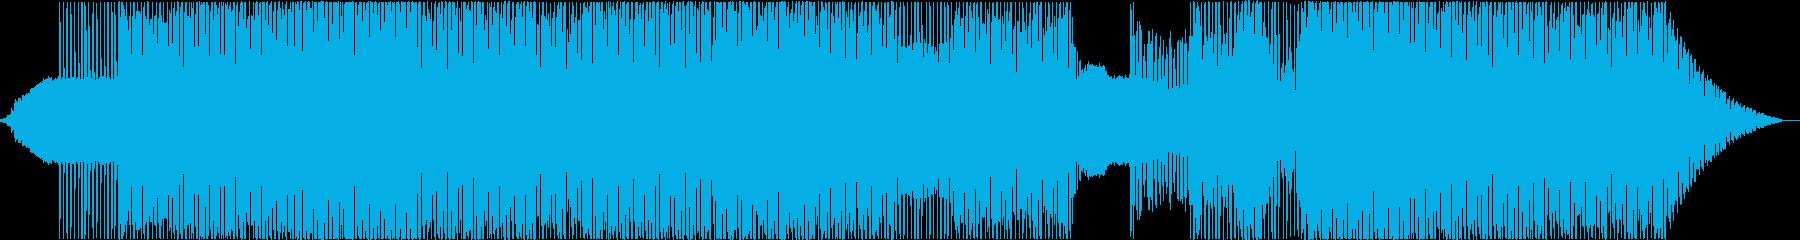 打込み・シンセアルペジオ・サイドチェインの再生済みの波形